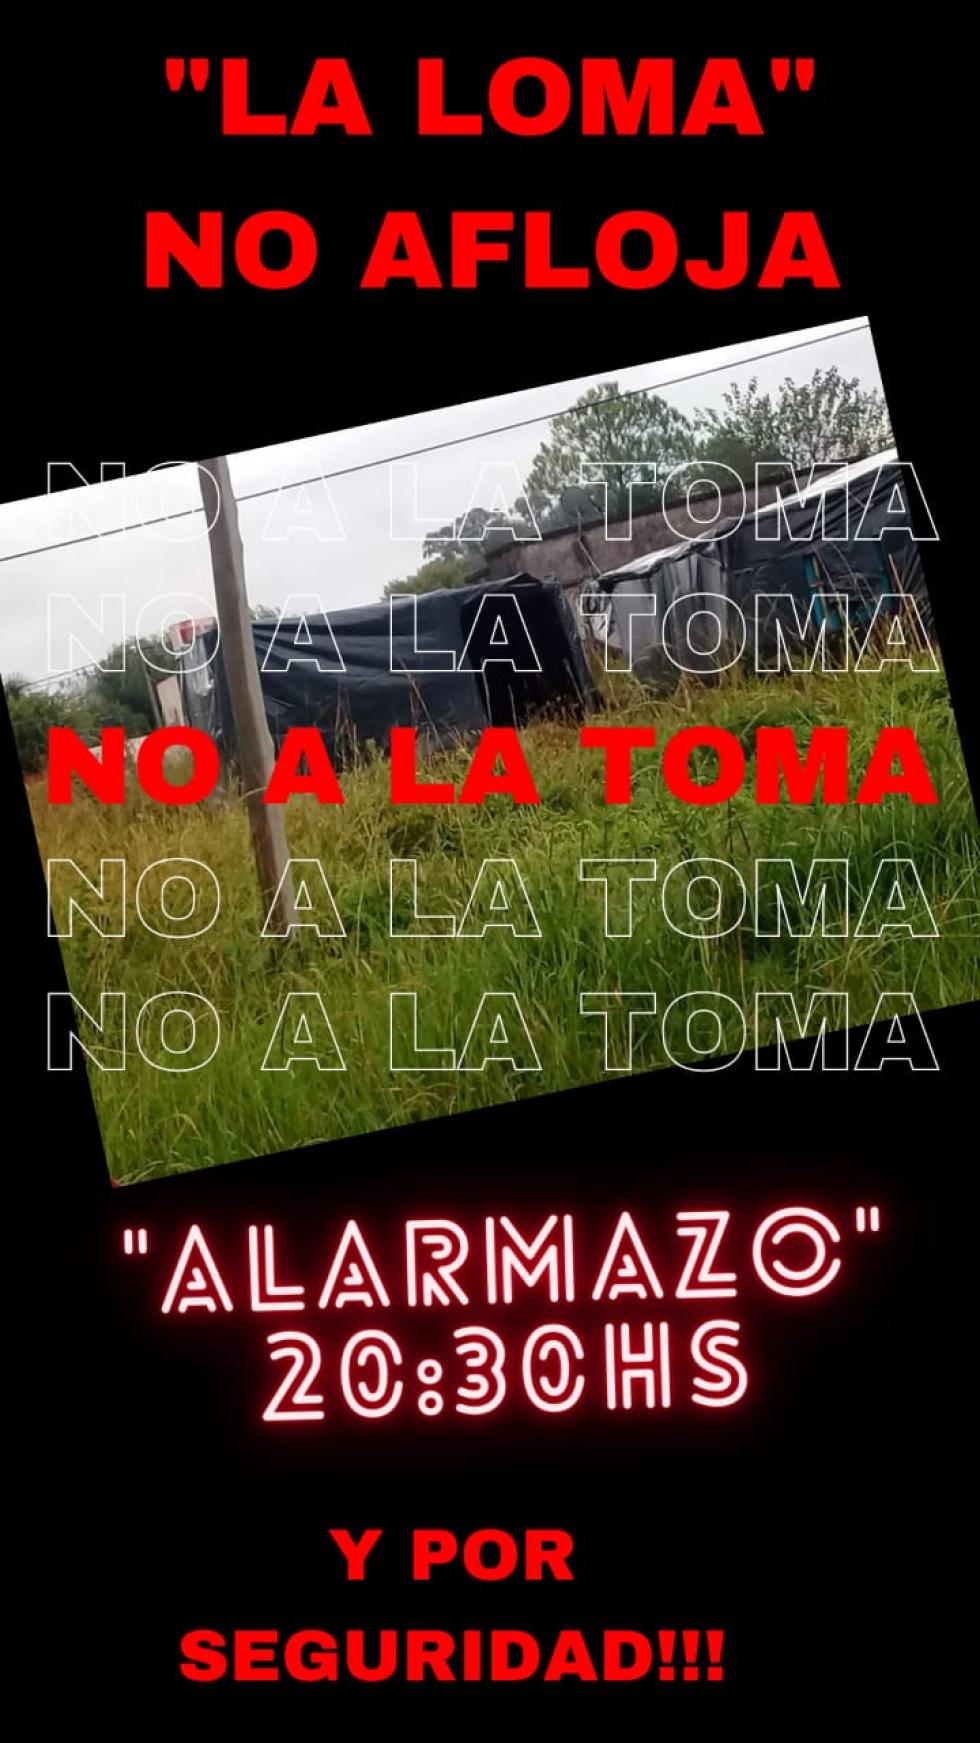 Alarmazo en Barrio La Loma protesta de vecinos